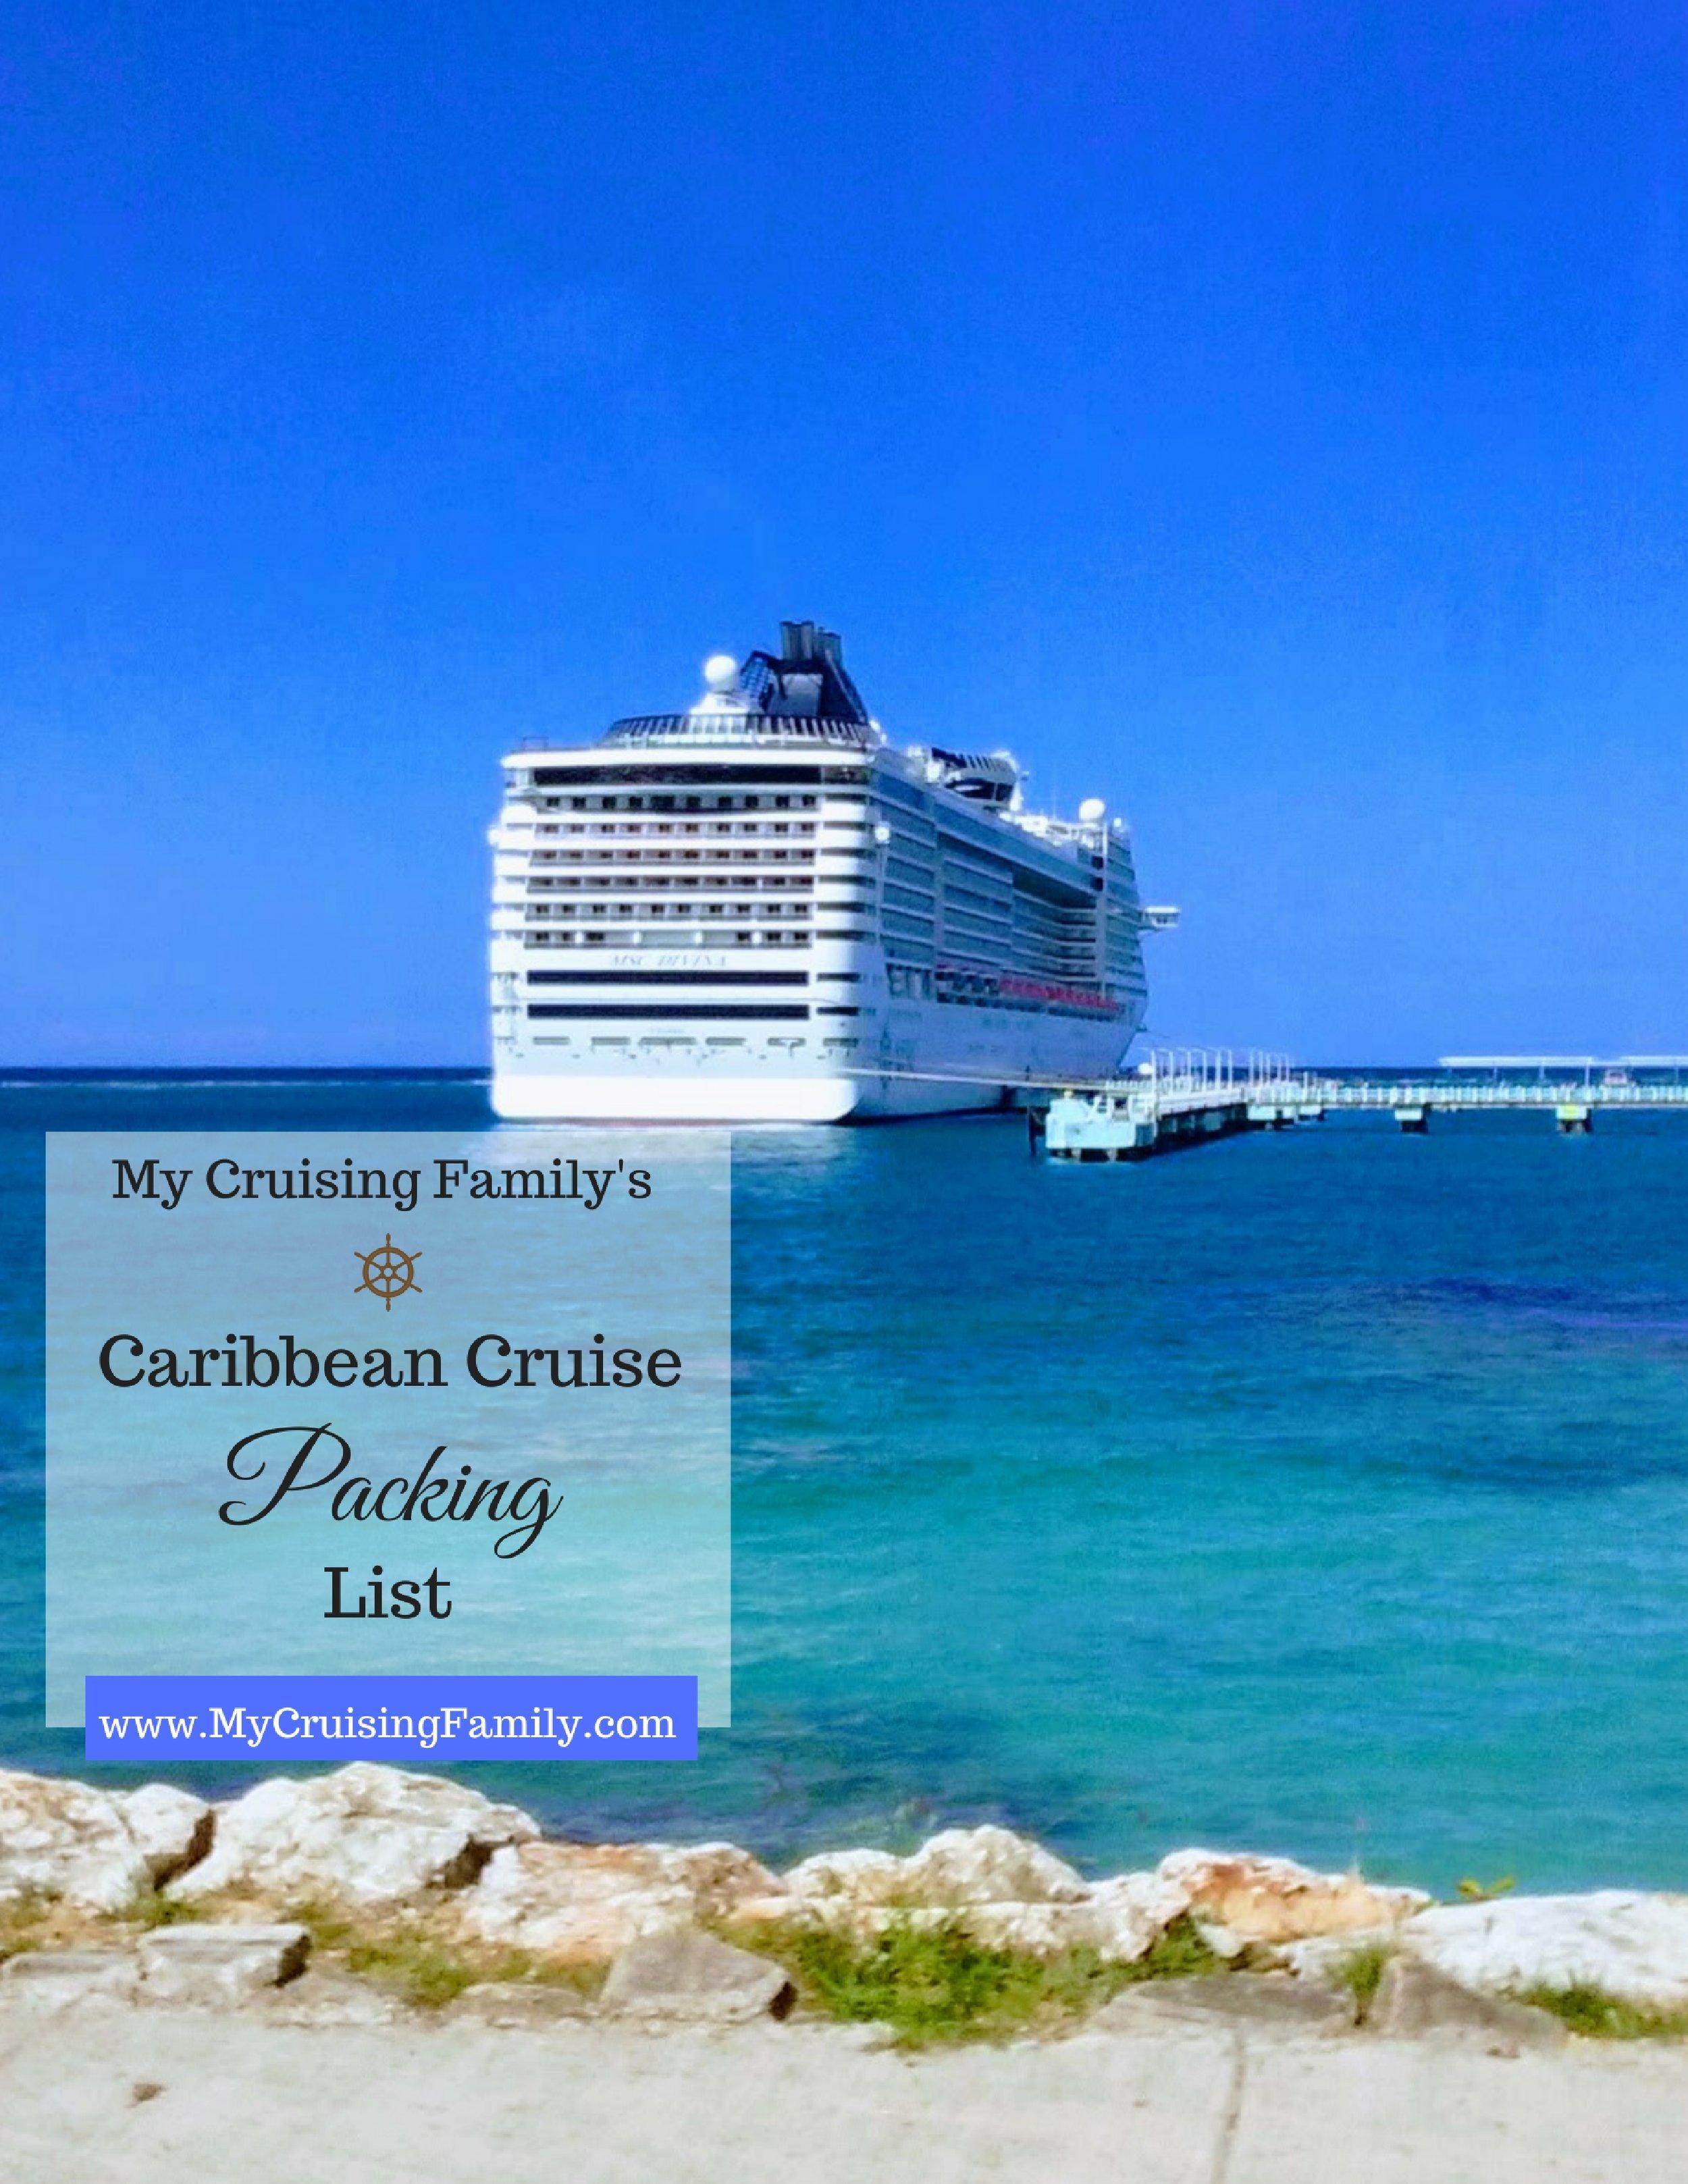 Family Cruise Packing List.jpg